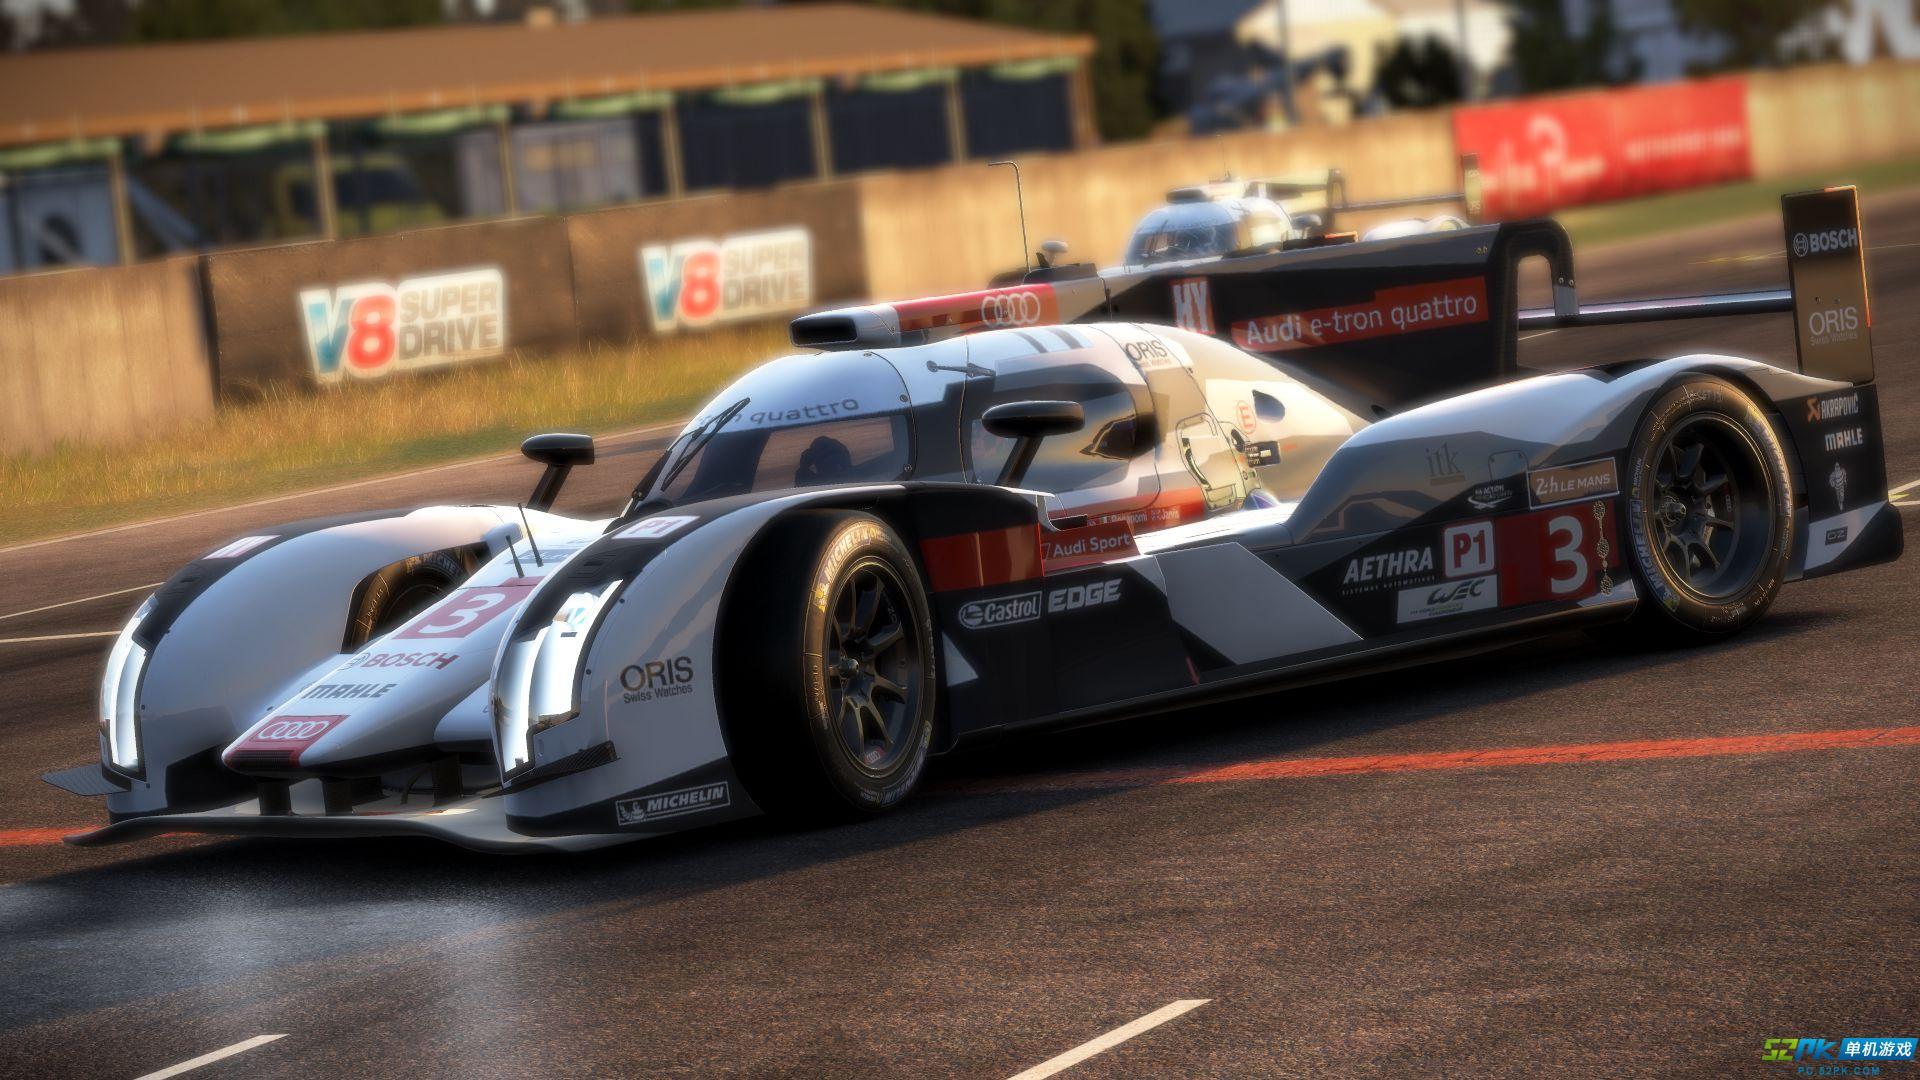 赛车计划加入全新赛道DLC 经典奥迪赛车炫酷登场